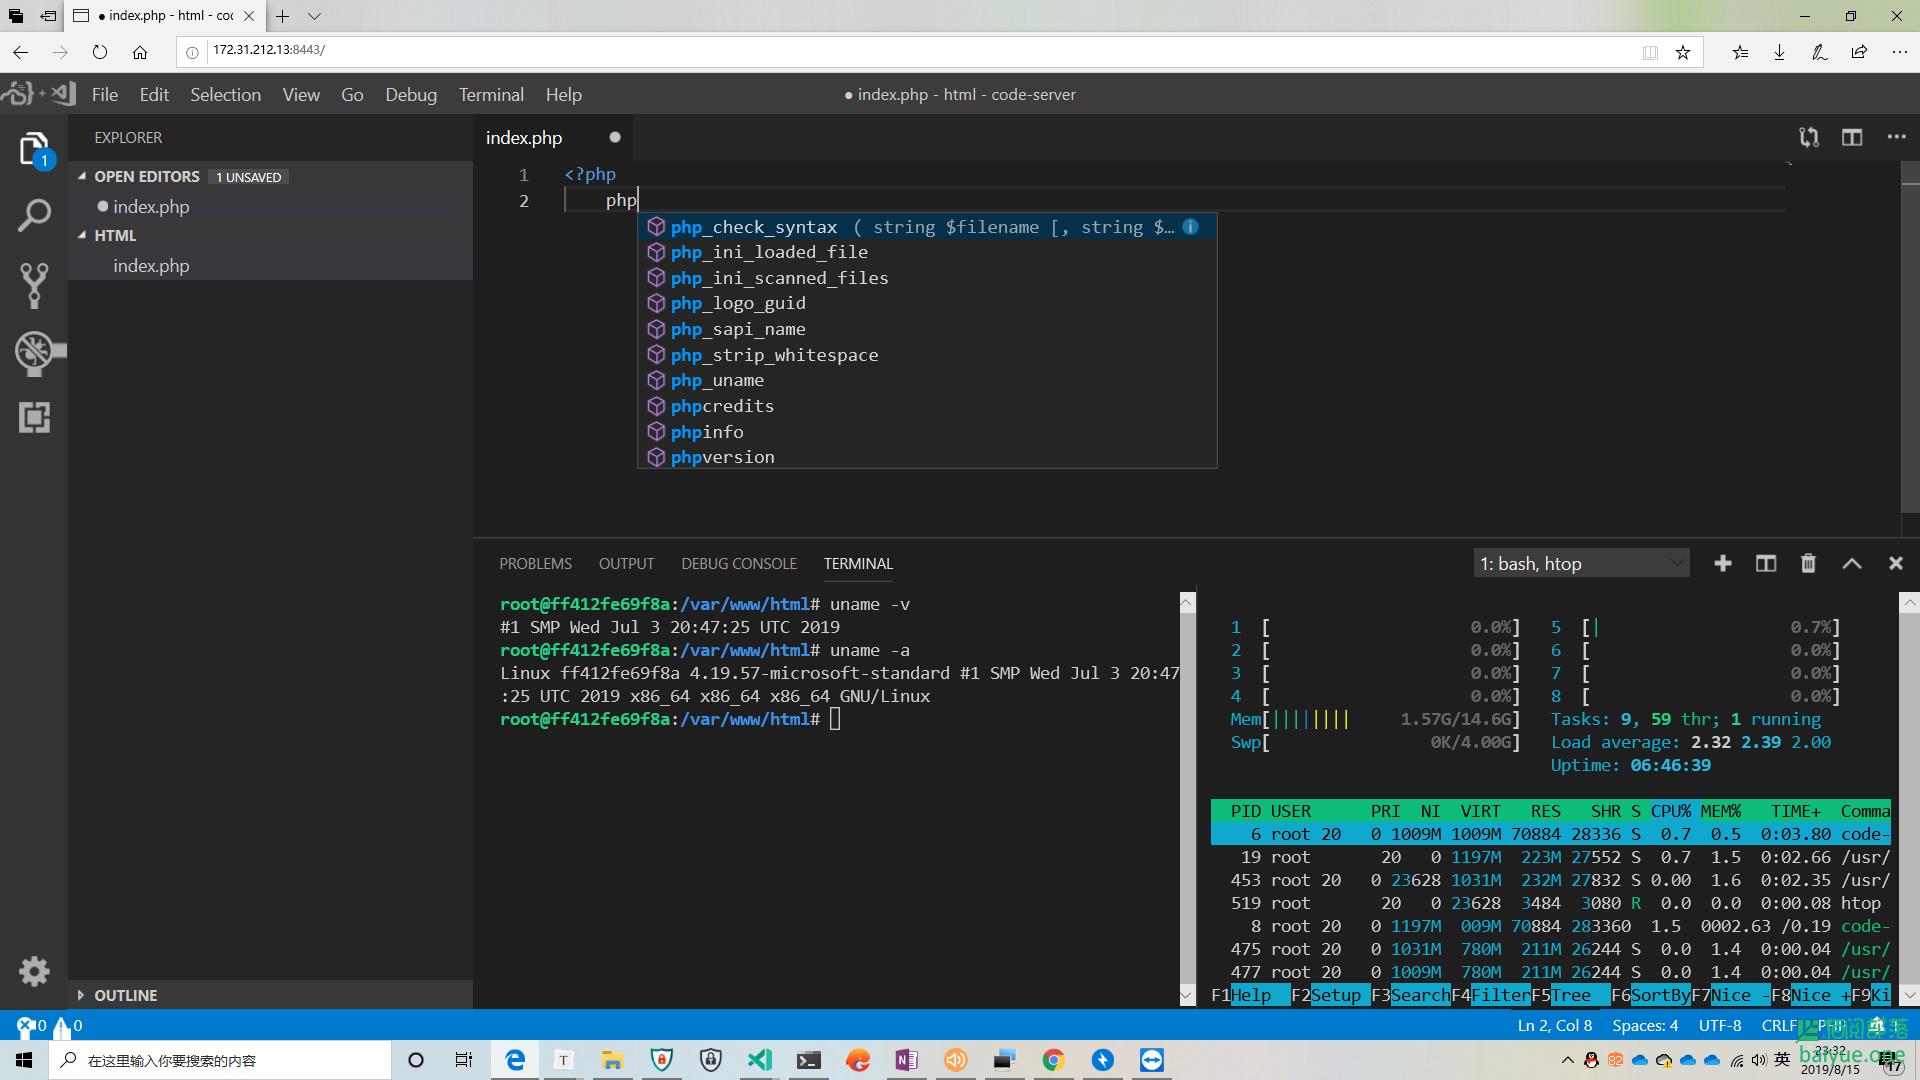 vs-code-ubuntu-server一个基于Ubuntu系统的vs-code浏览器镜像